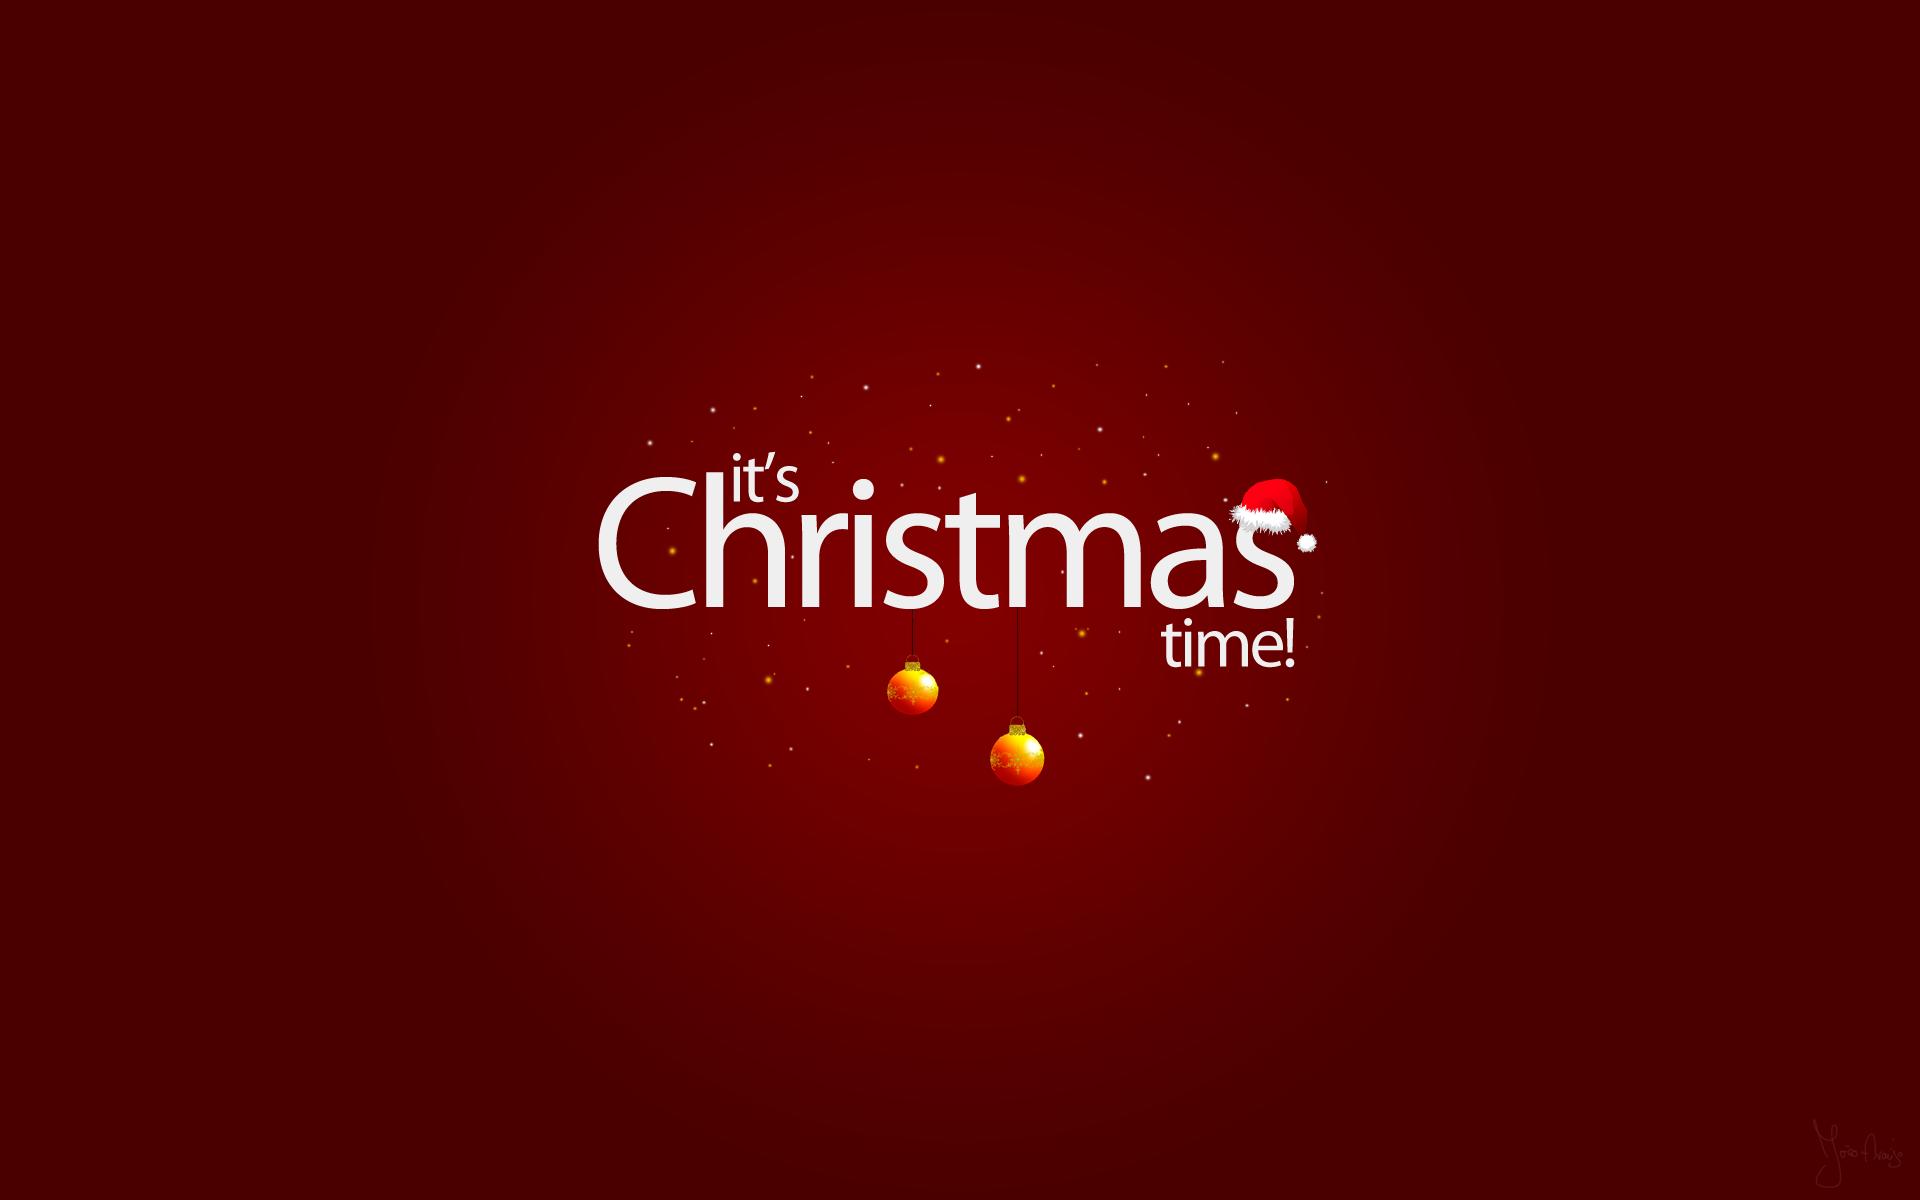 Christmas time by juauz